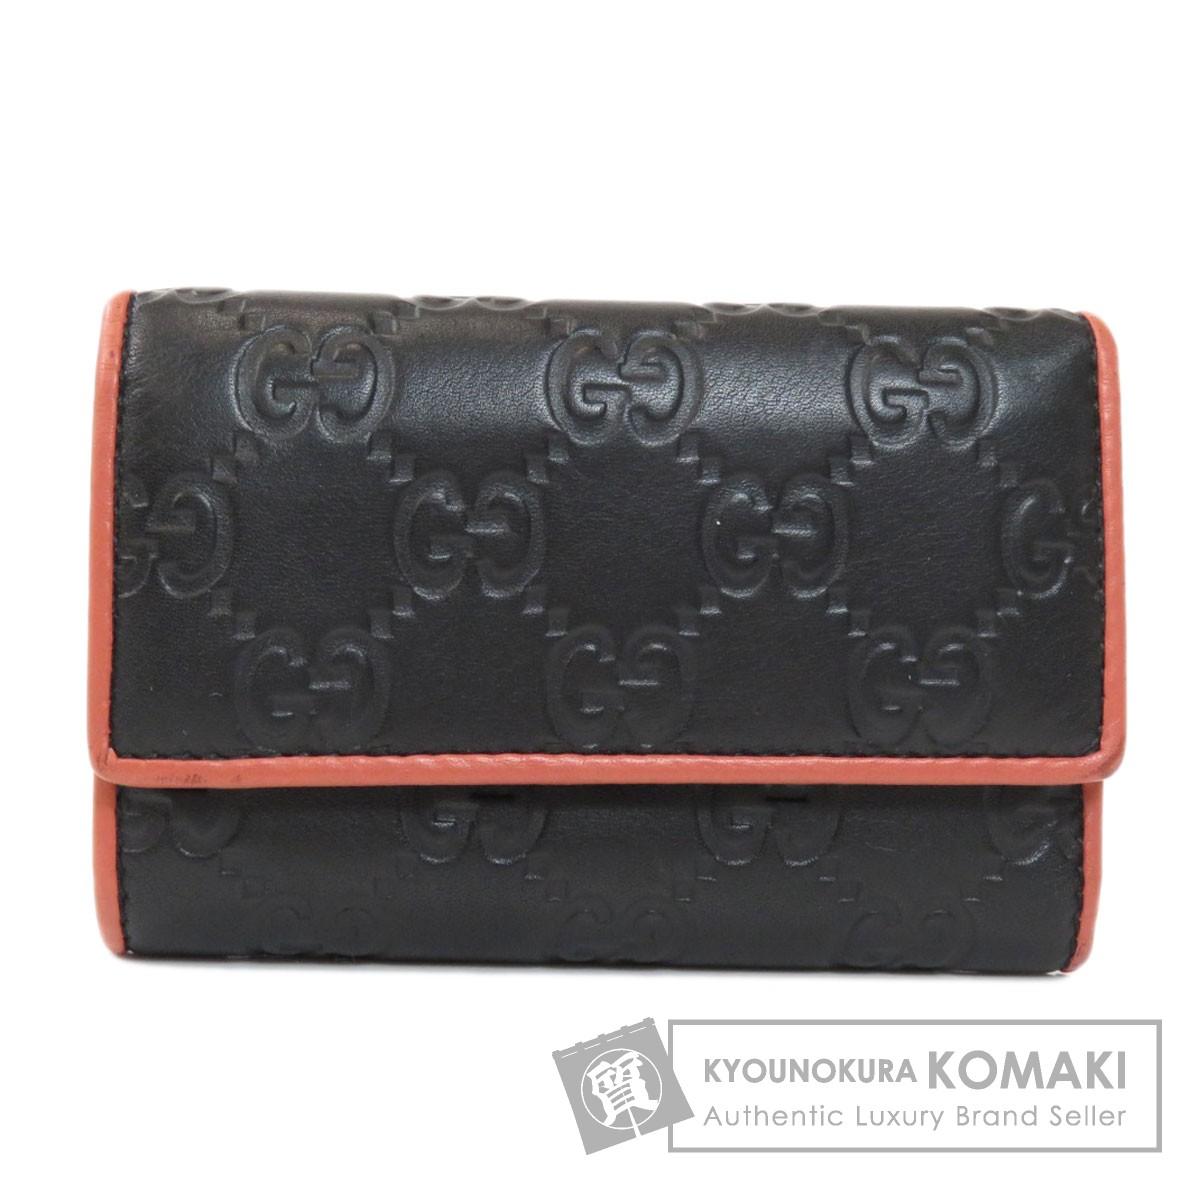 グッチ 256441 GG シマ 財布付き キーケース カーフ レディース 【中古】【GUCCI】